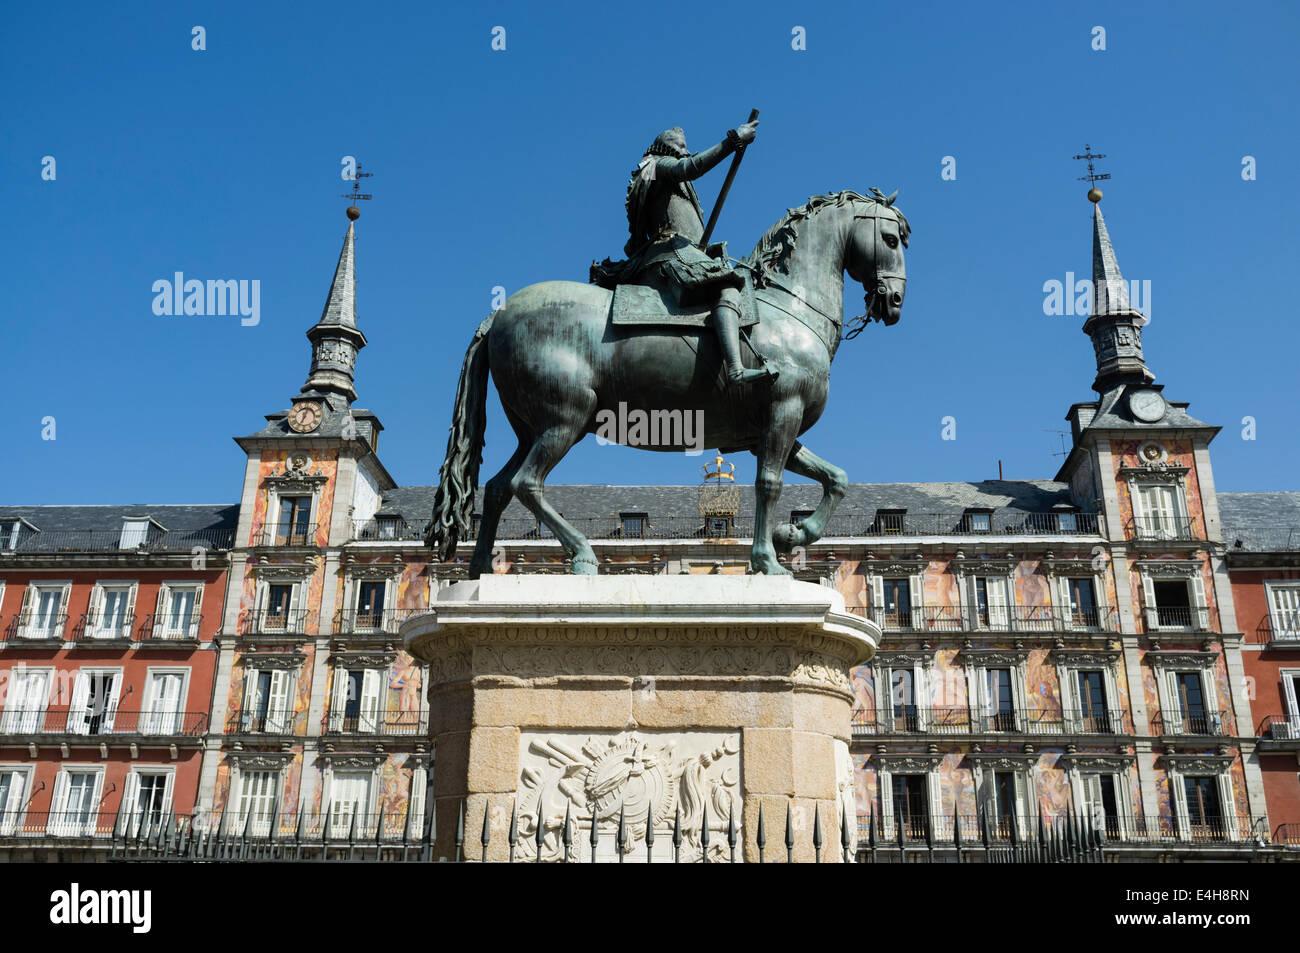 Plaza Mayor, Madrid, Spain - Stock Image